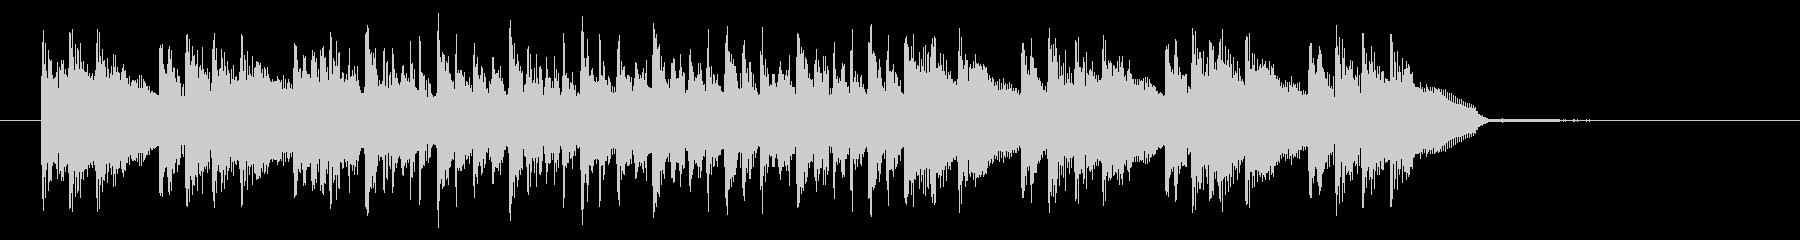 ドラムと電子音の立体的な組み合わせの未再生の波形